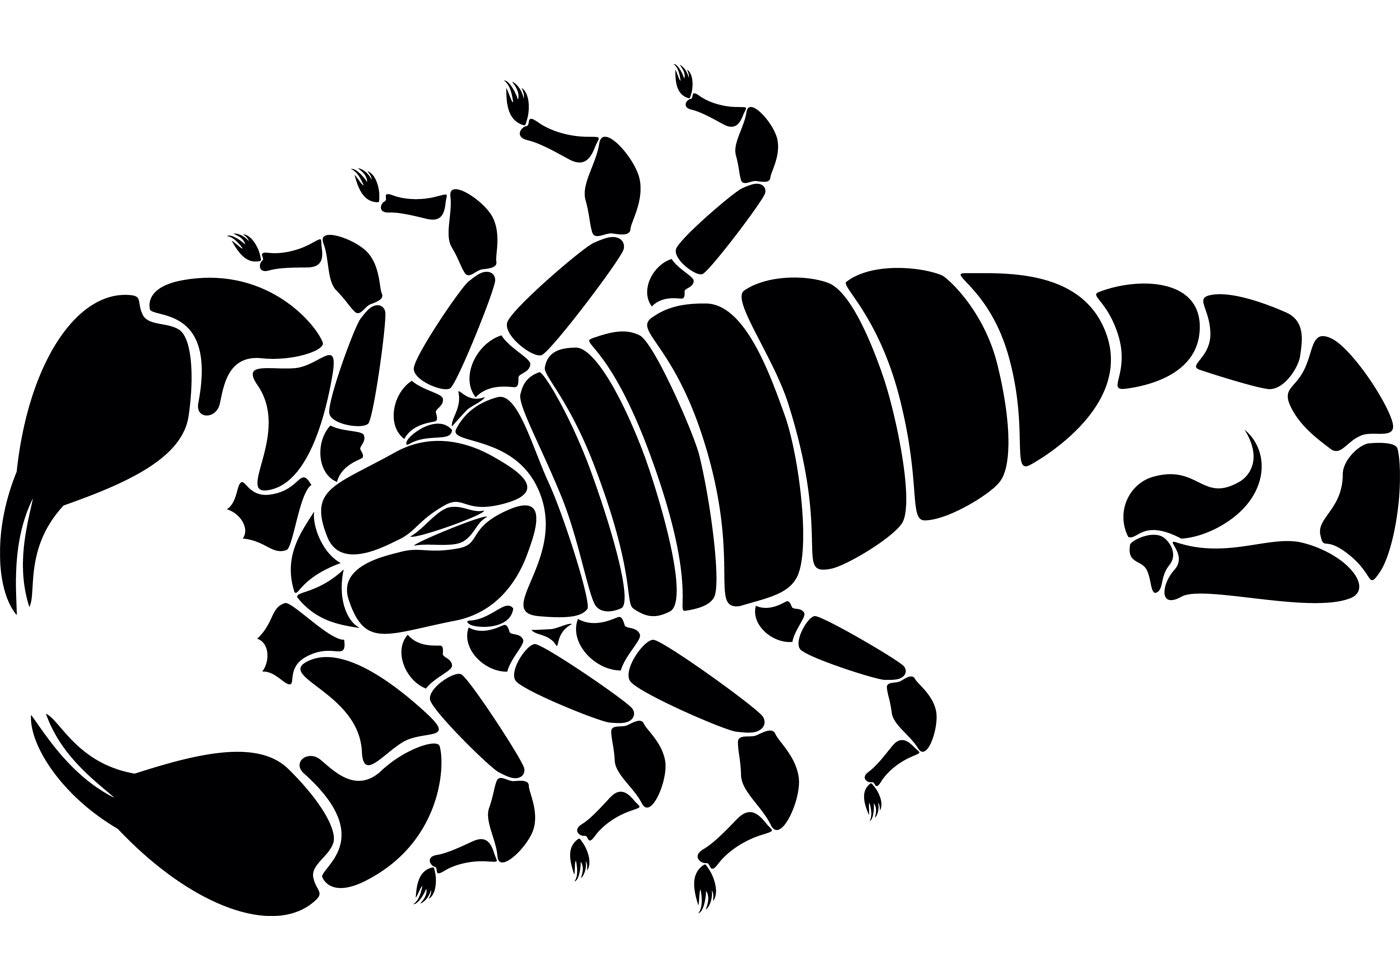 Scorpion Vector Image - Download Free Vector Art, Stock ...